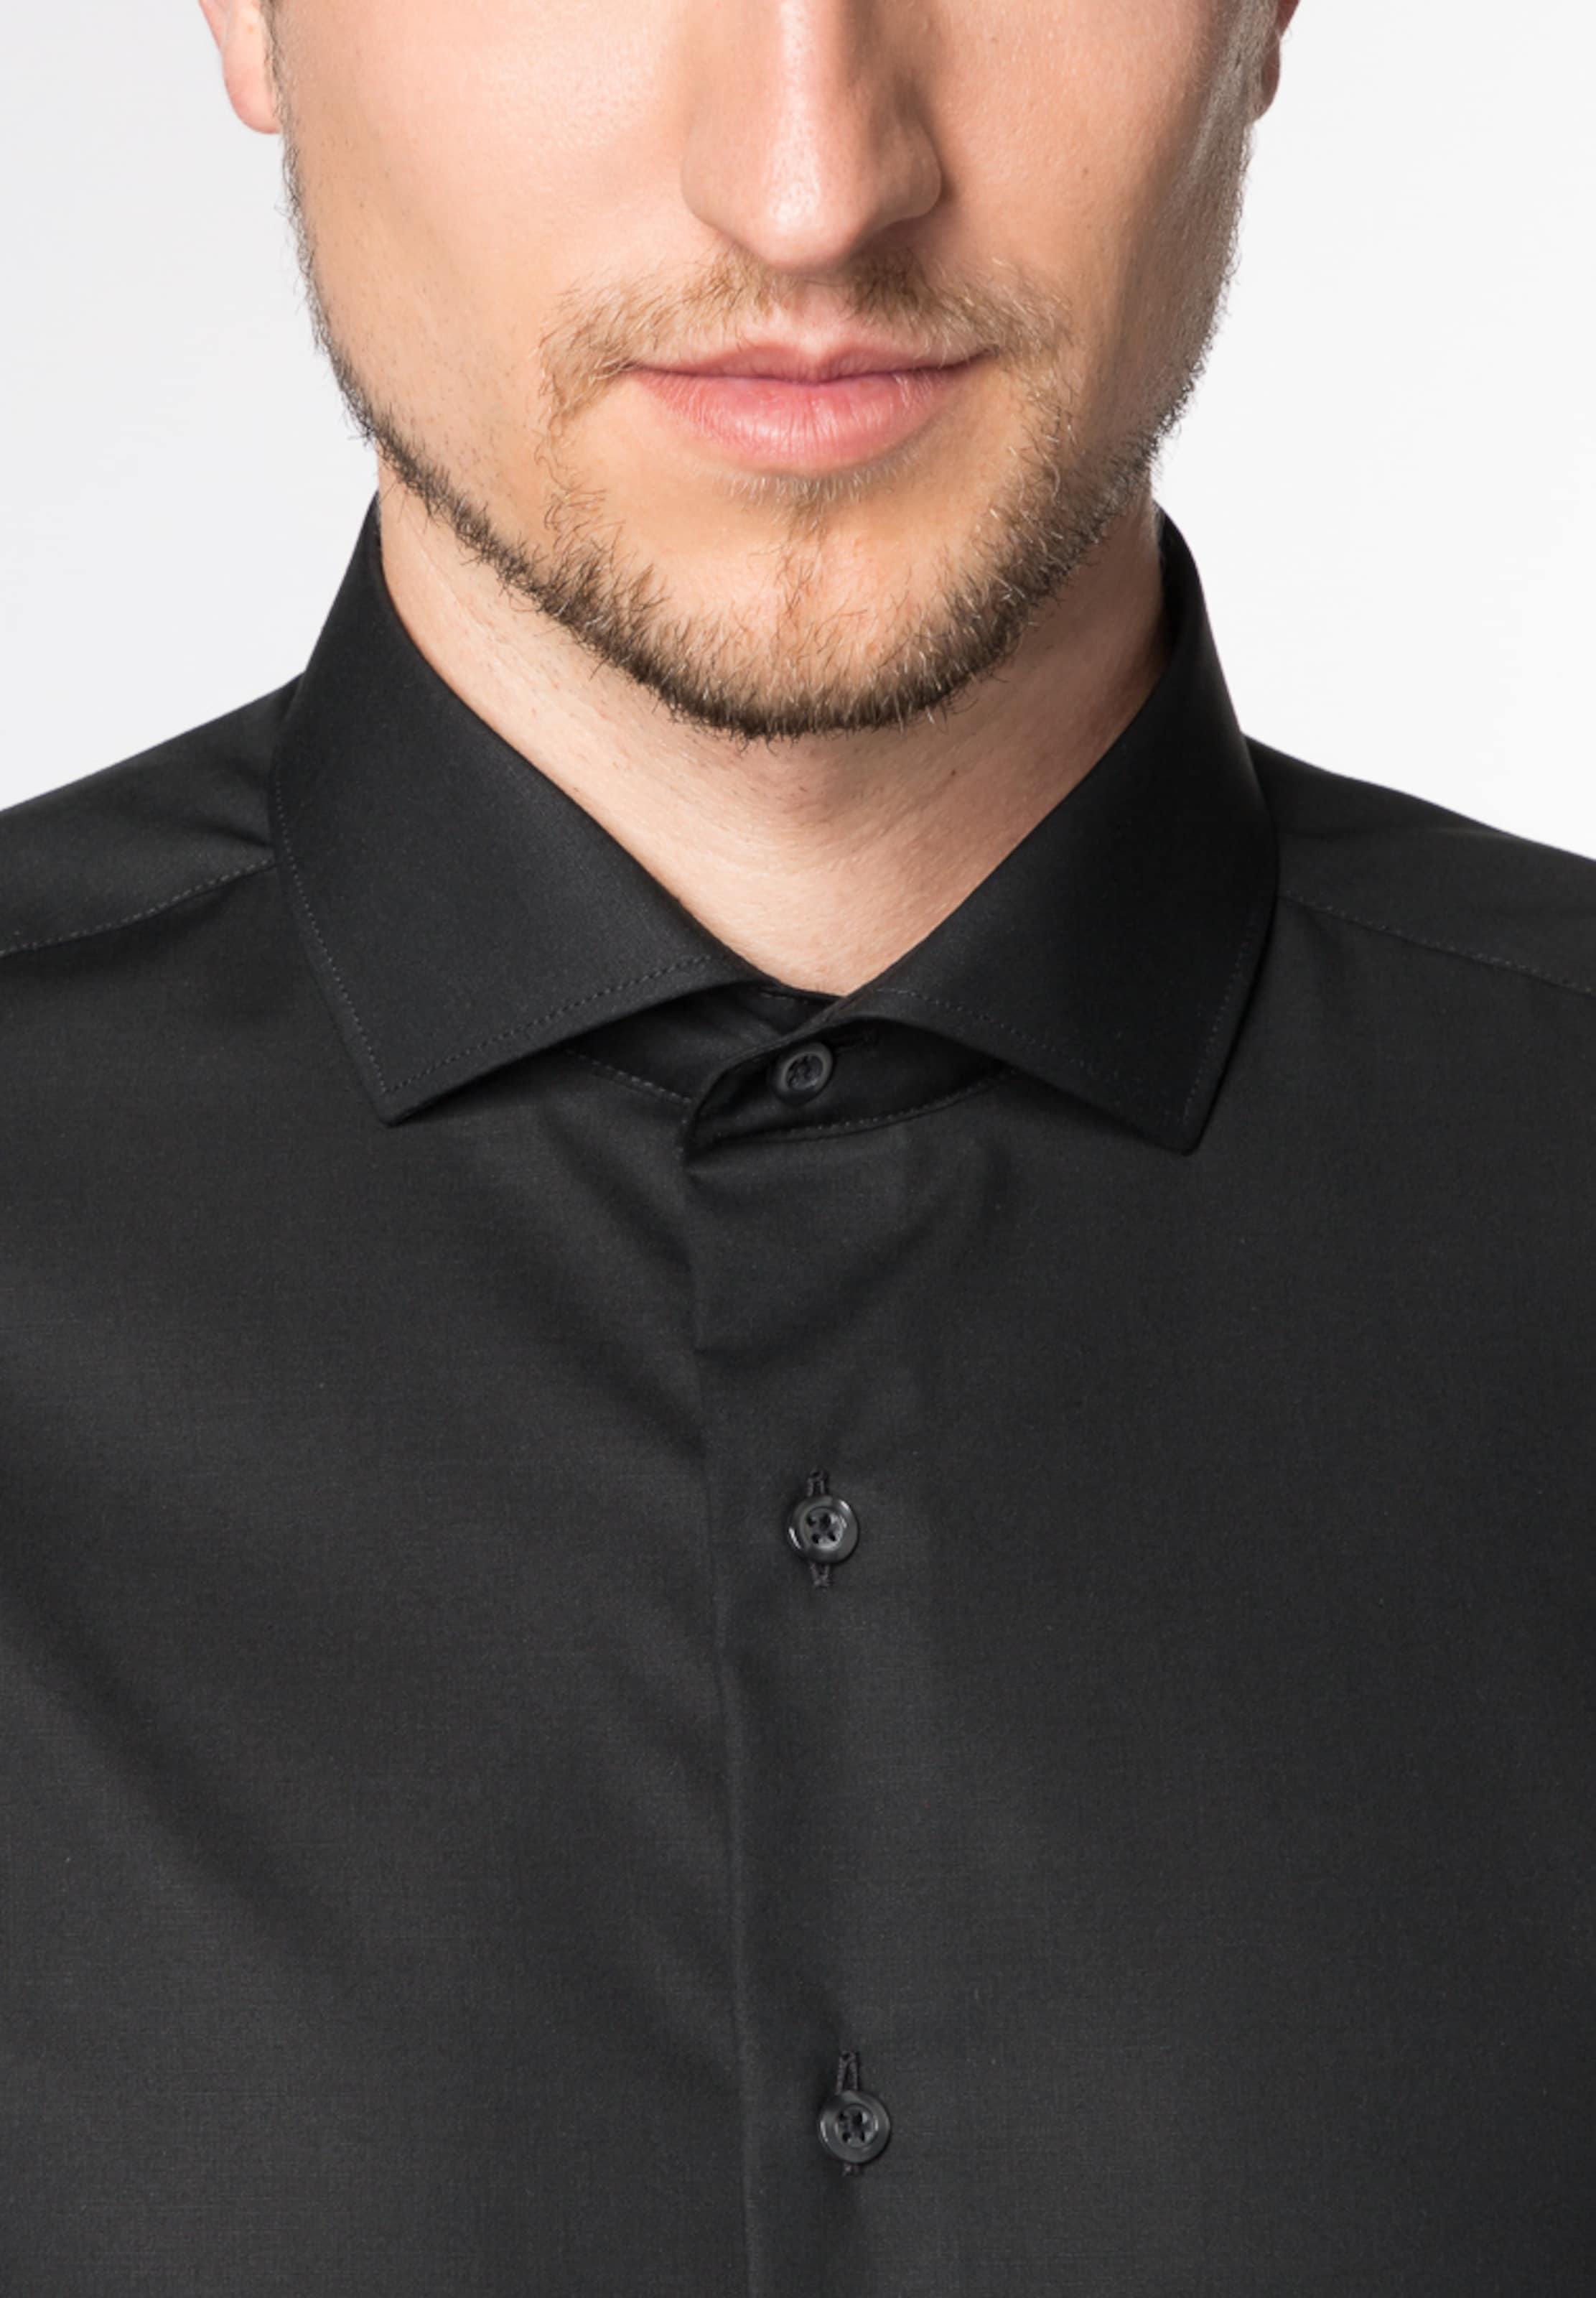 Rabatt Suche ETERNA Langarm Hemd SLIM FIT Empfehlen Rabatt Outlet Brandneue Unisex Billig Verkauf 2018 Unisex Neueste eHMEtjCdM